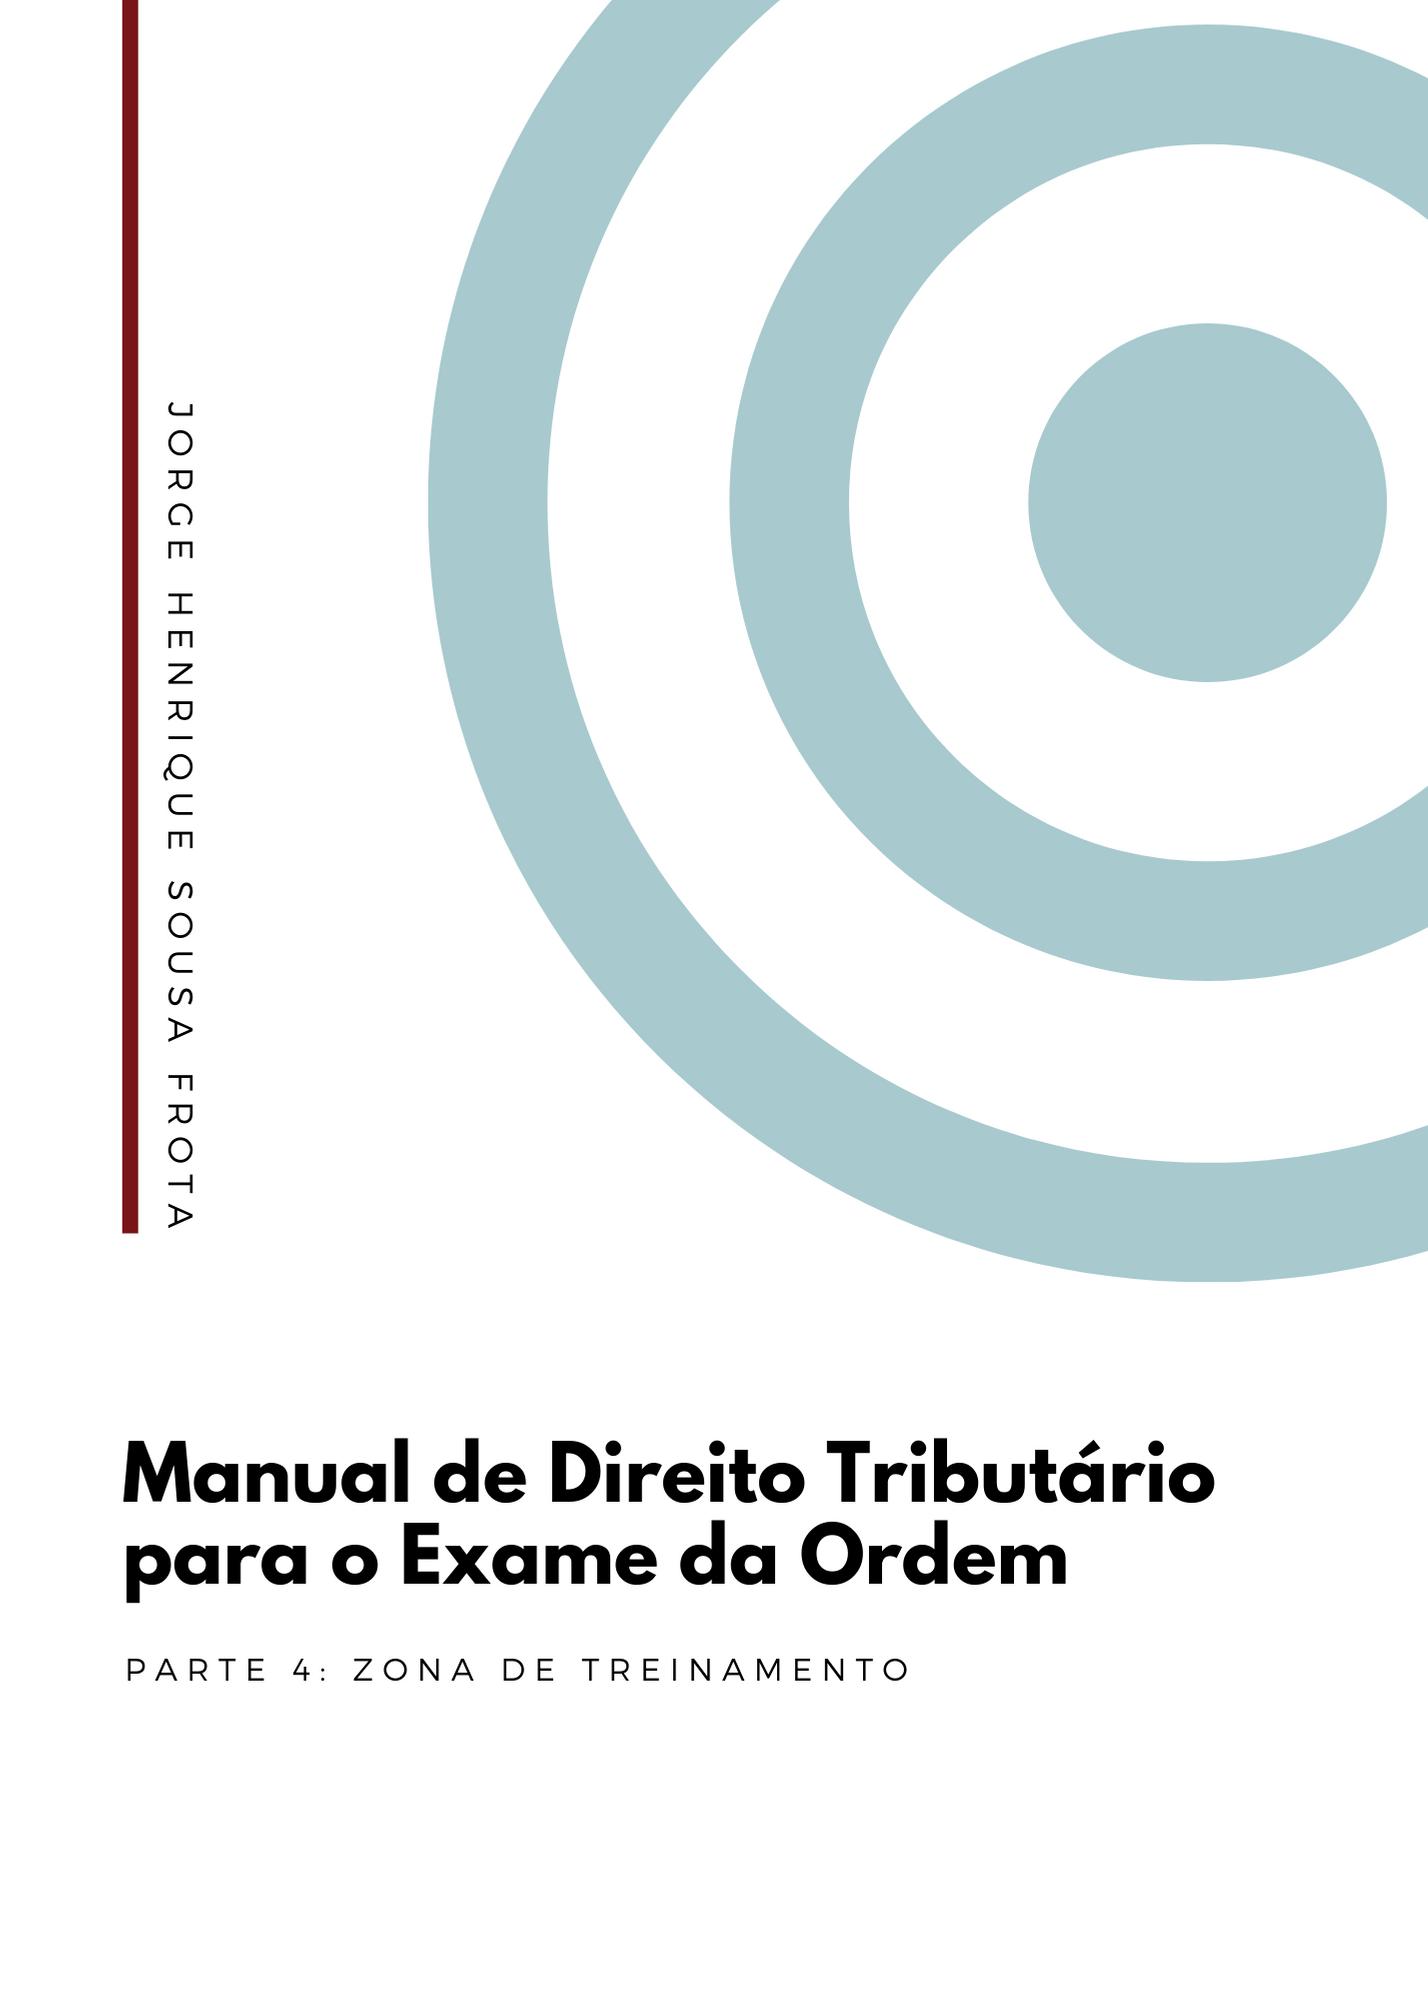 MANUAL DE DIREITO TRIBUTÁRIO PARA O EXAME DA ORDEM - PARTE 04: ZONA DE TREINAMENTO